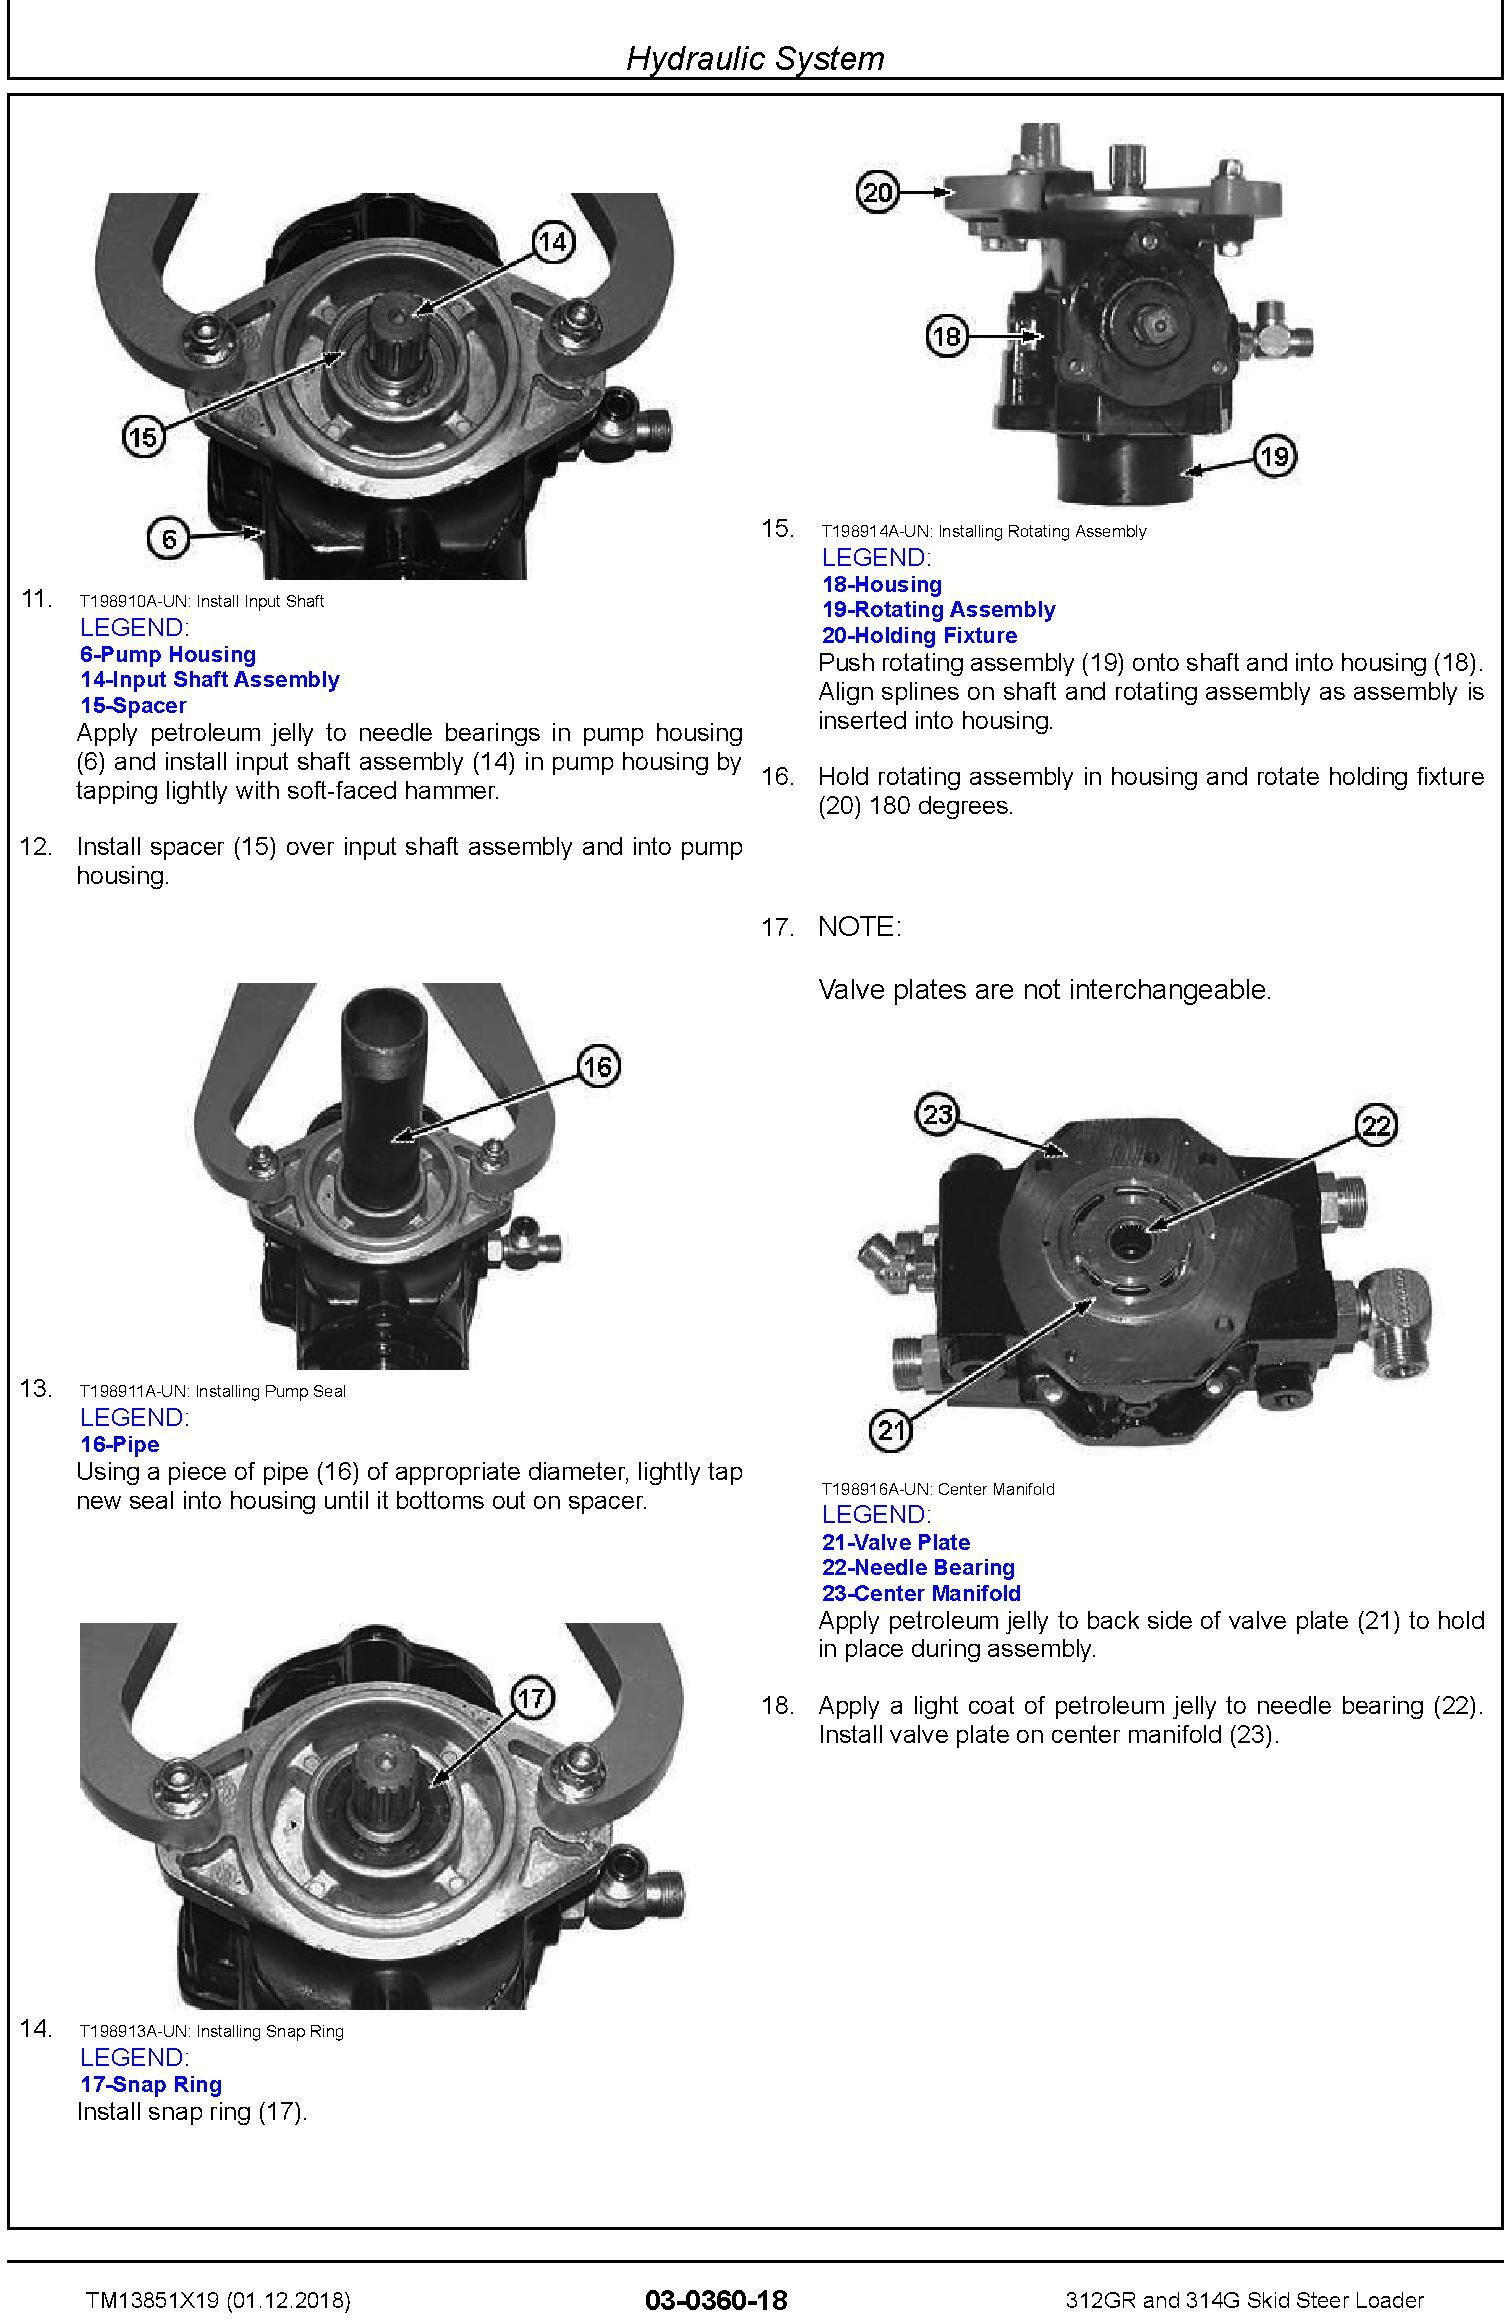 John Deere 312GR and 314G Skid Steer Loader Repair Service Manual (TM13851X19) - 2